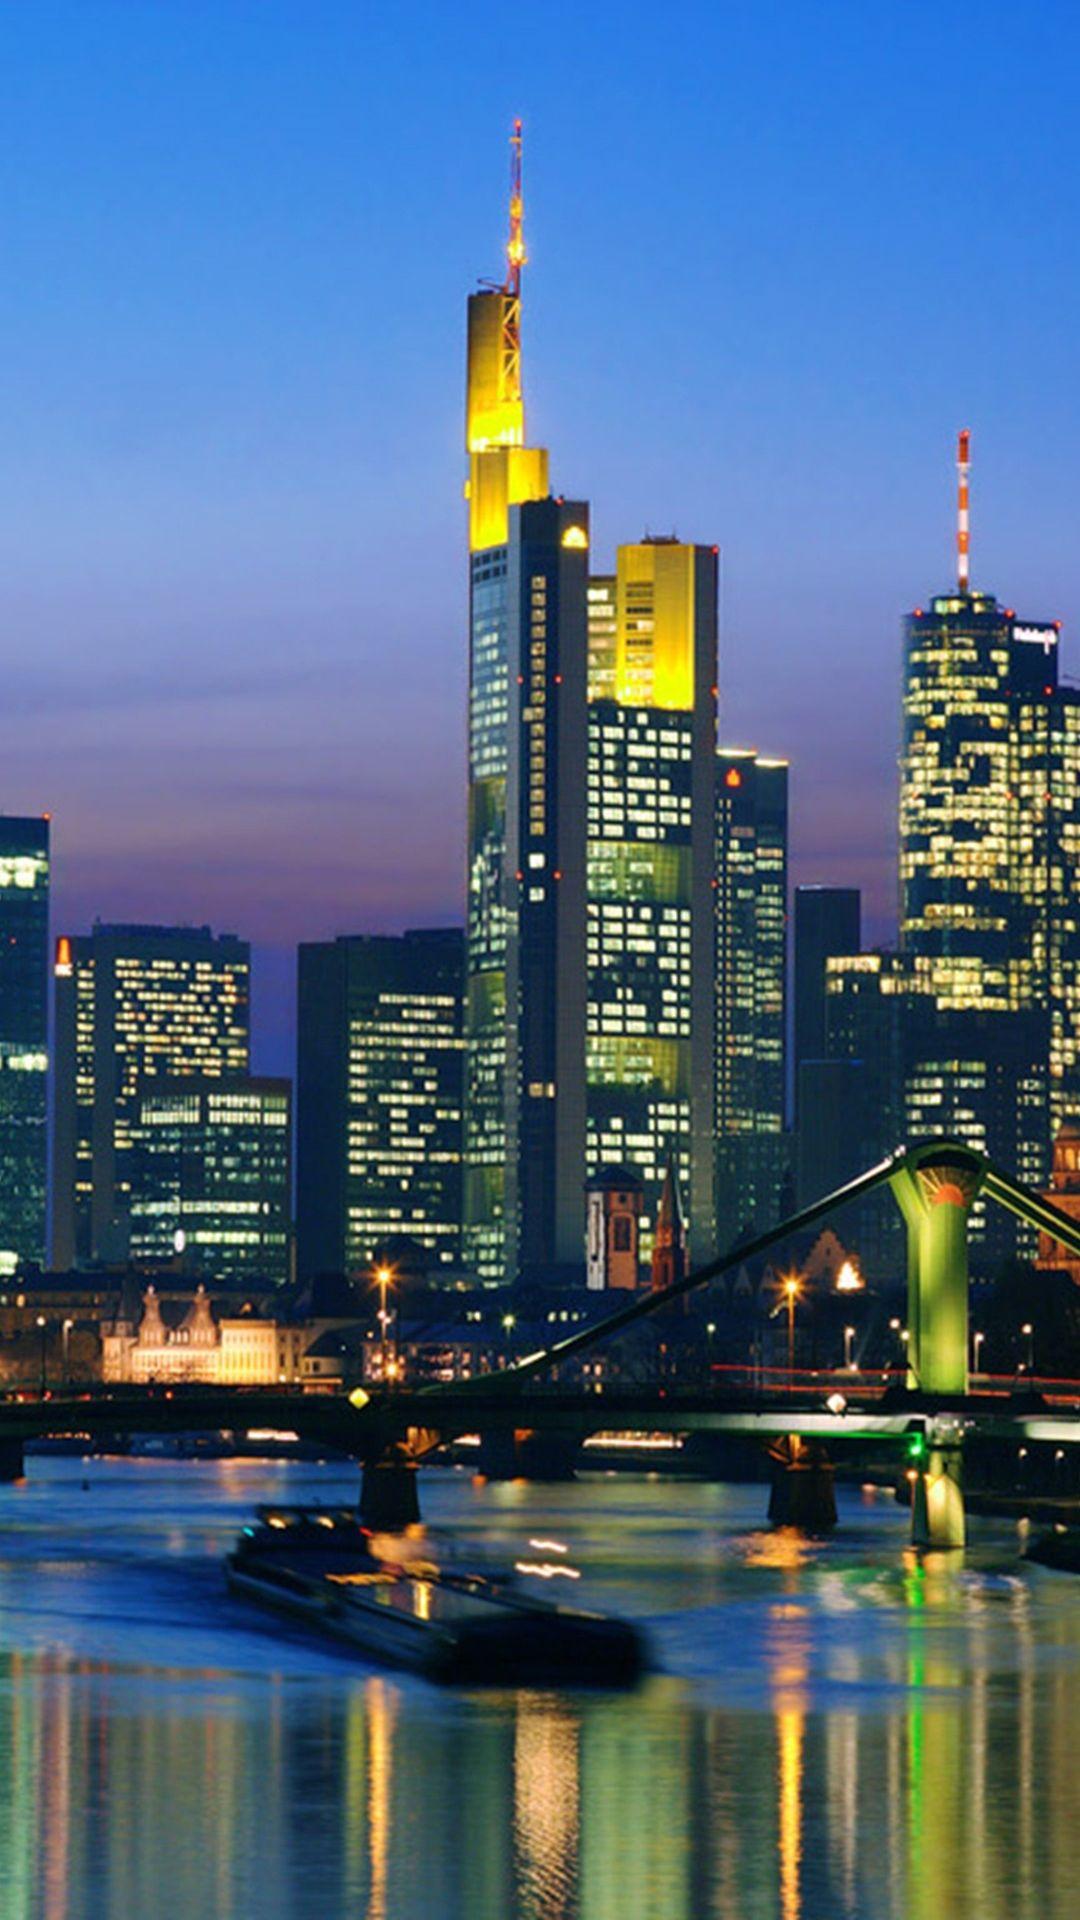 96 Frankfurt Wallpapers On Wallpapersafari Frankfurt Skyline Skyline Frankfurt